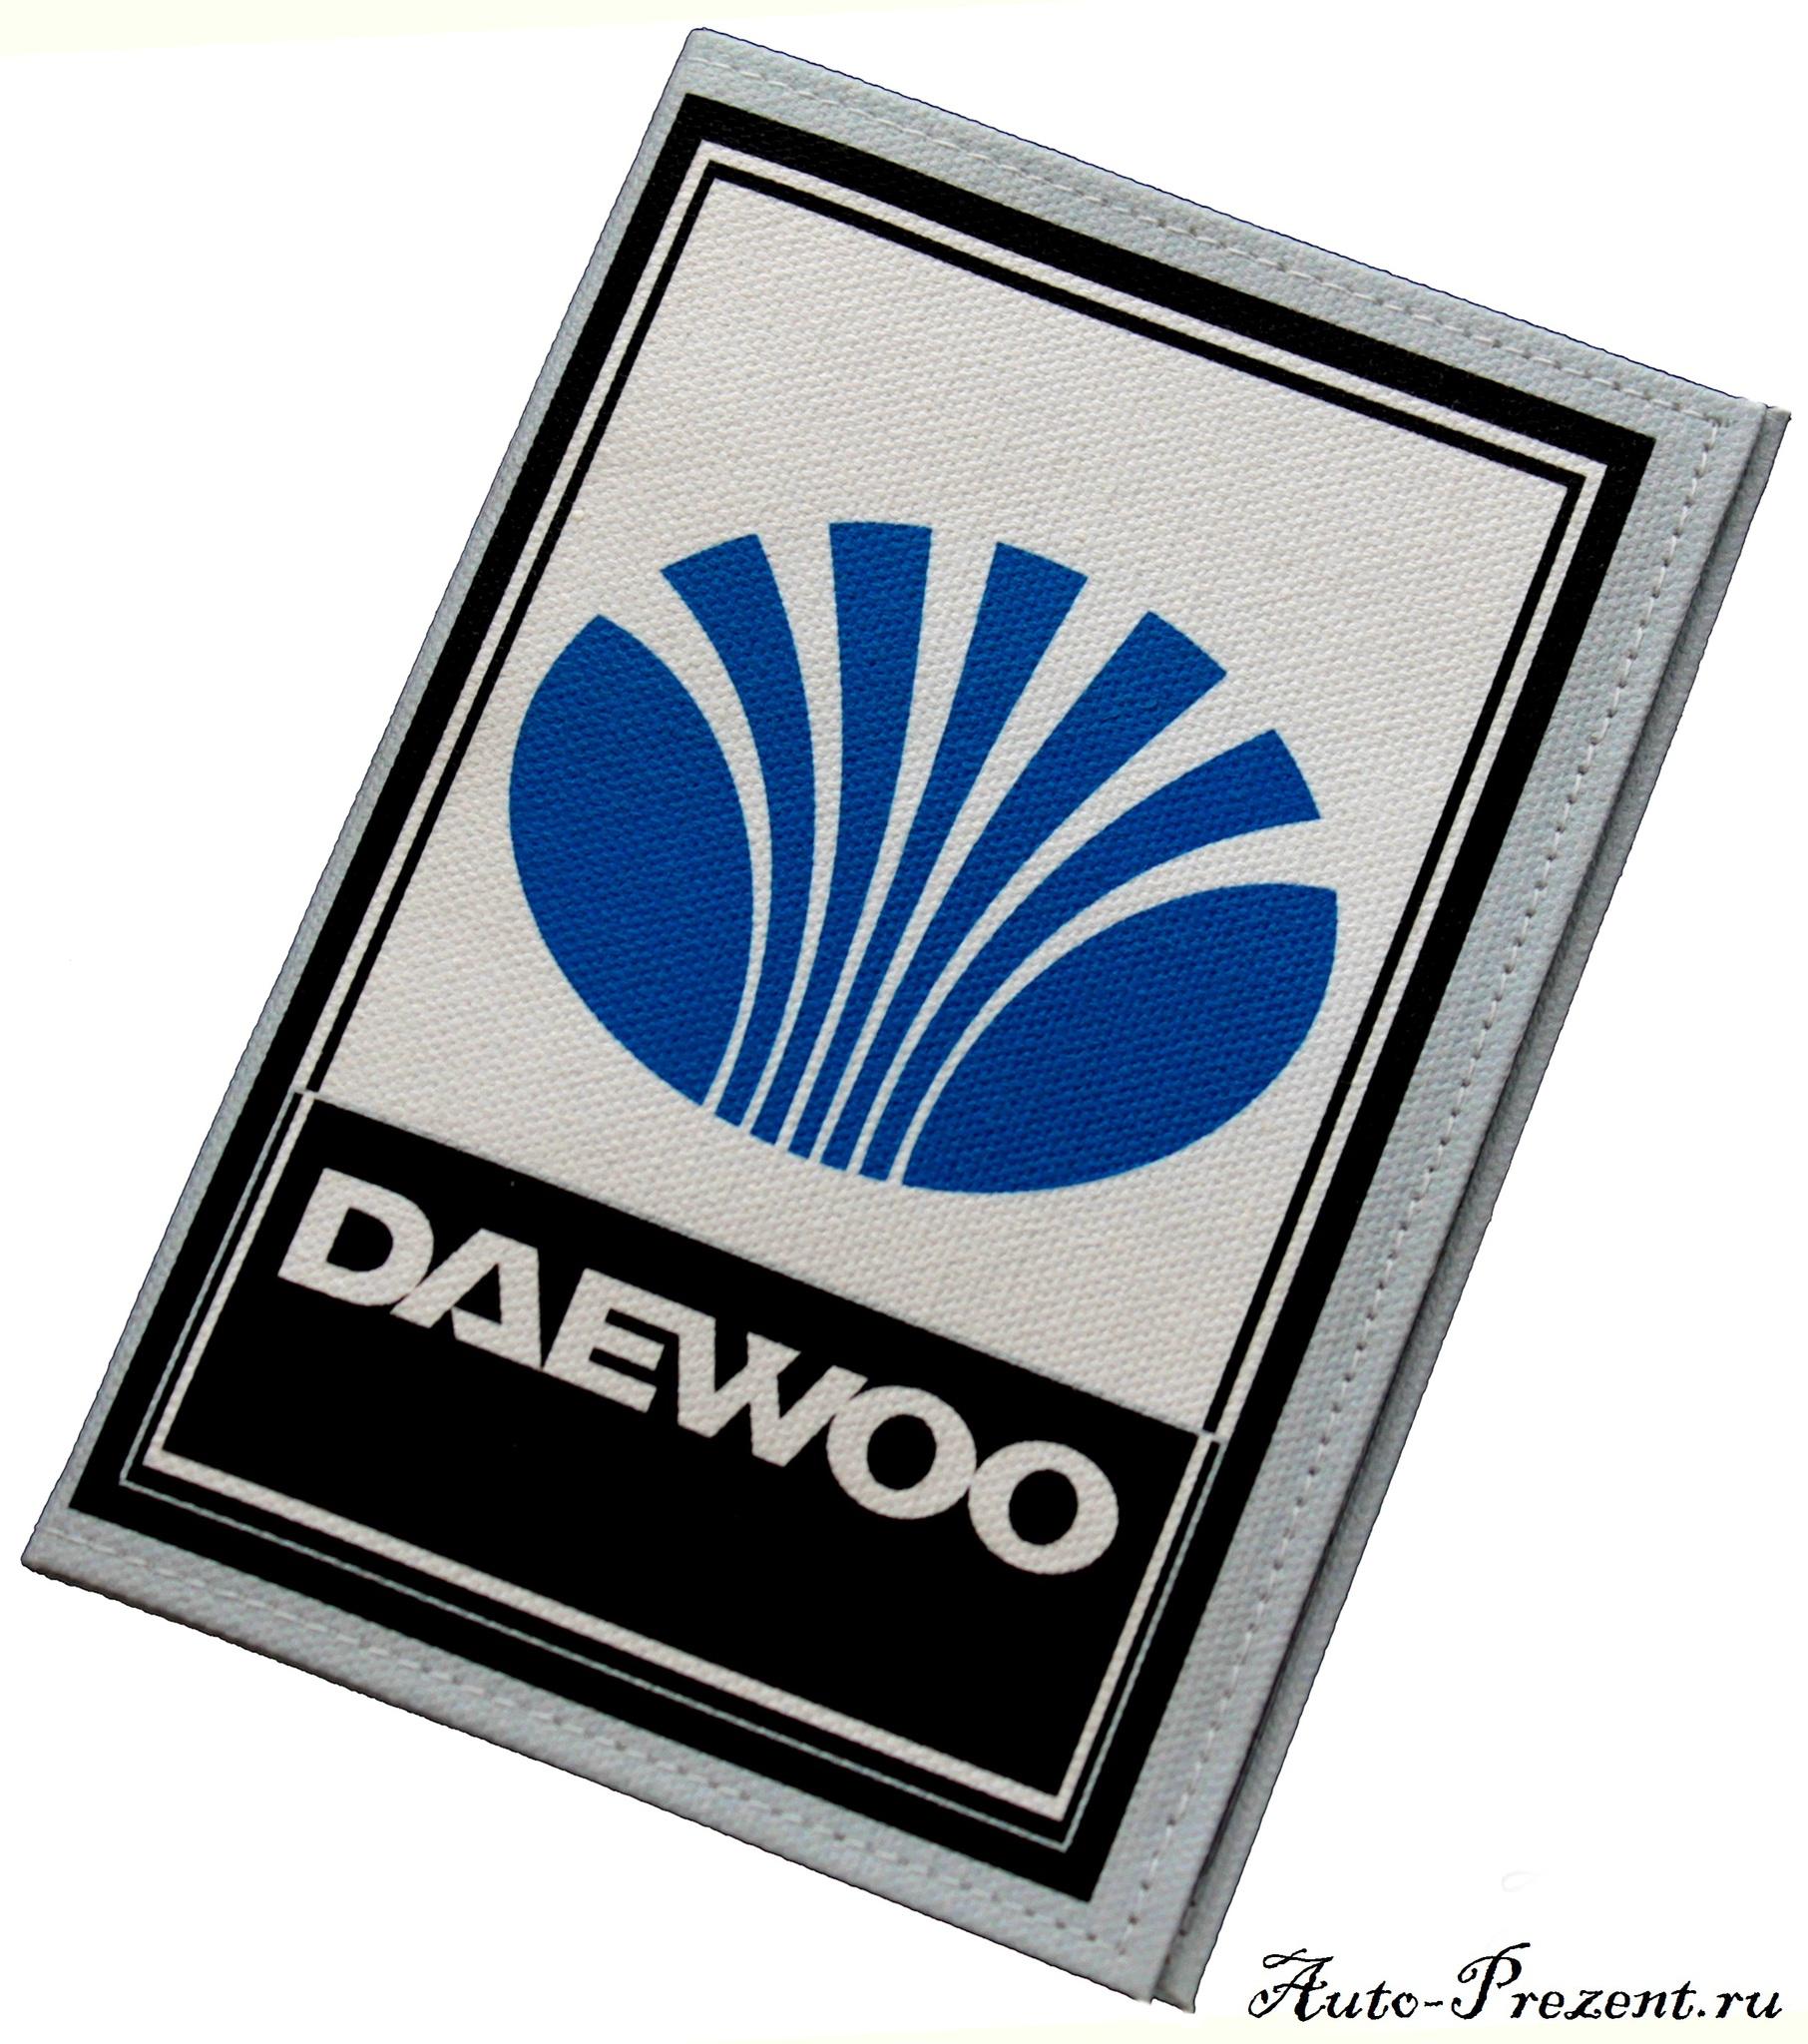 Обложка для автодокументов с логотипом DAEWOO